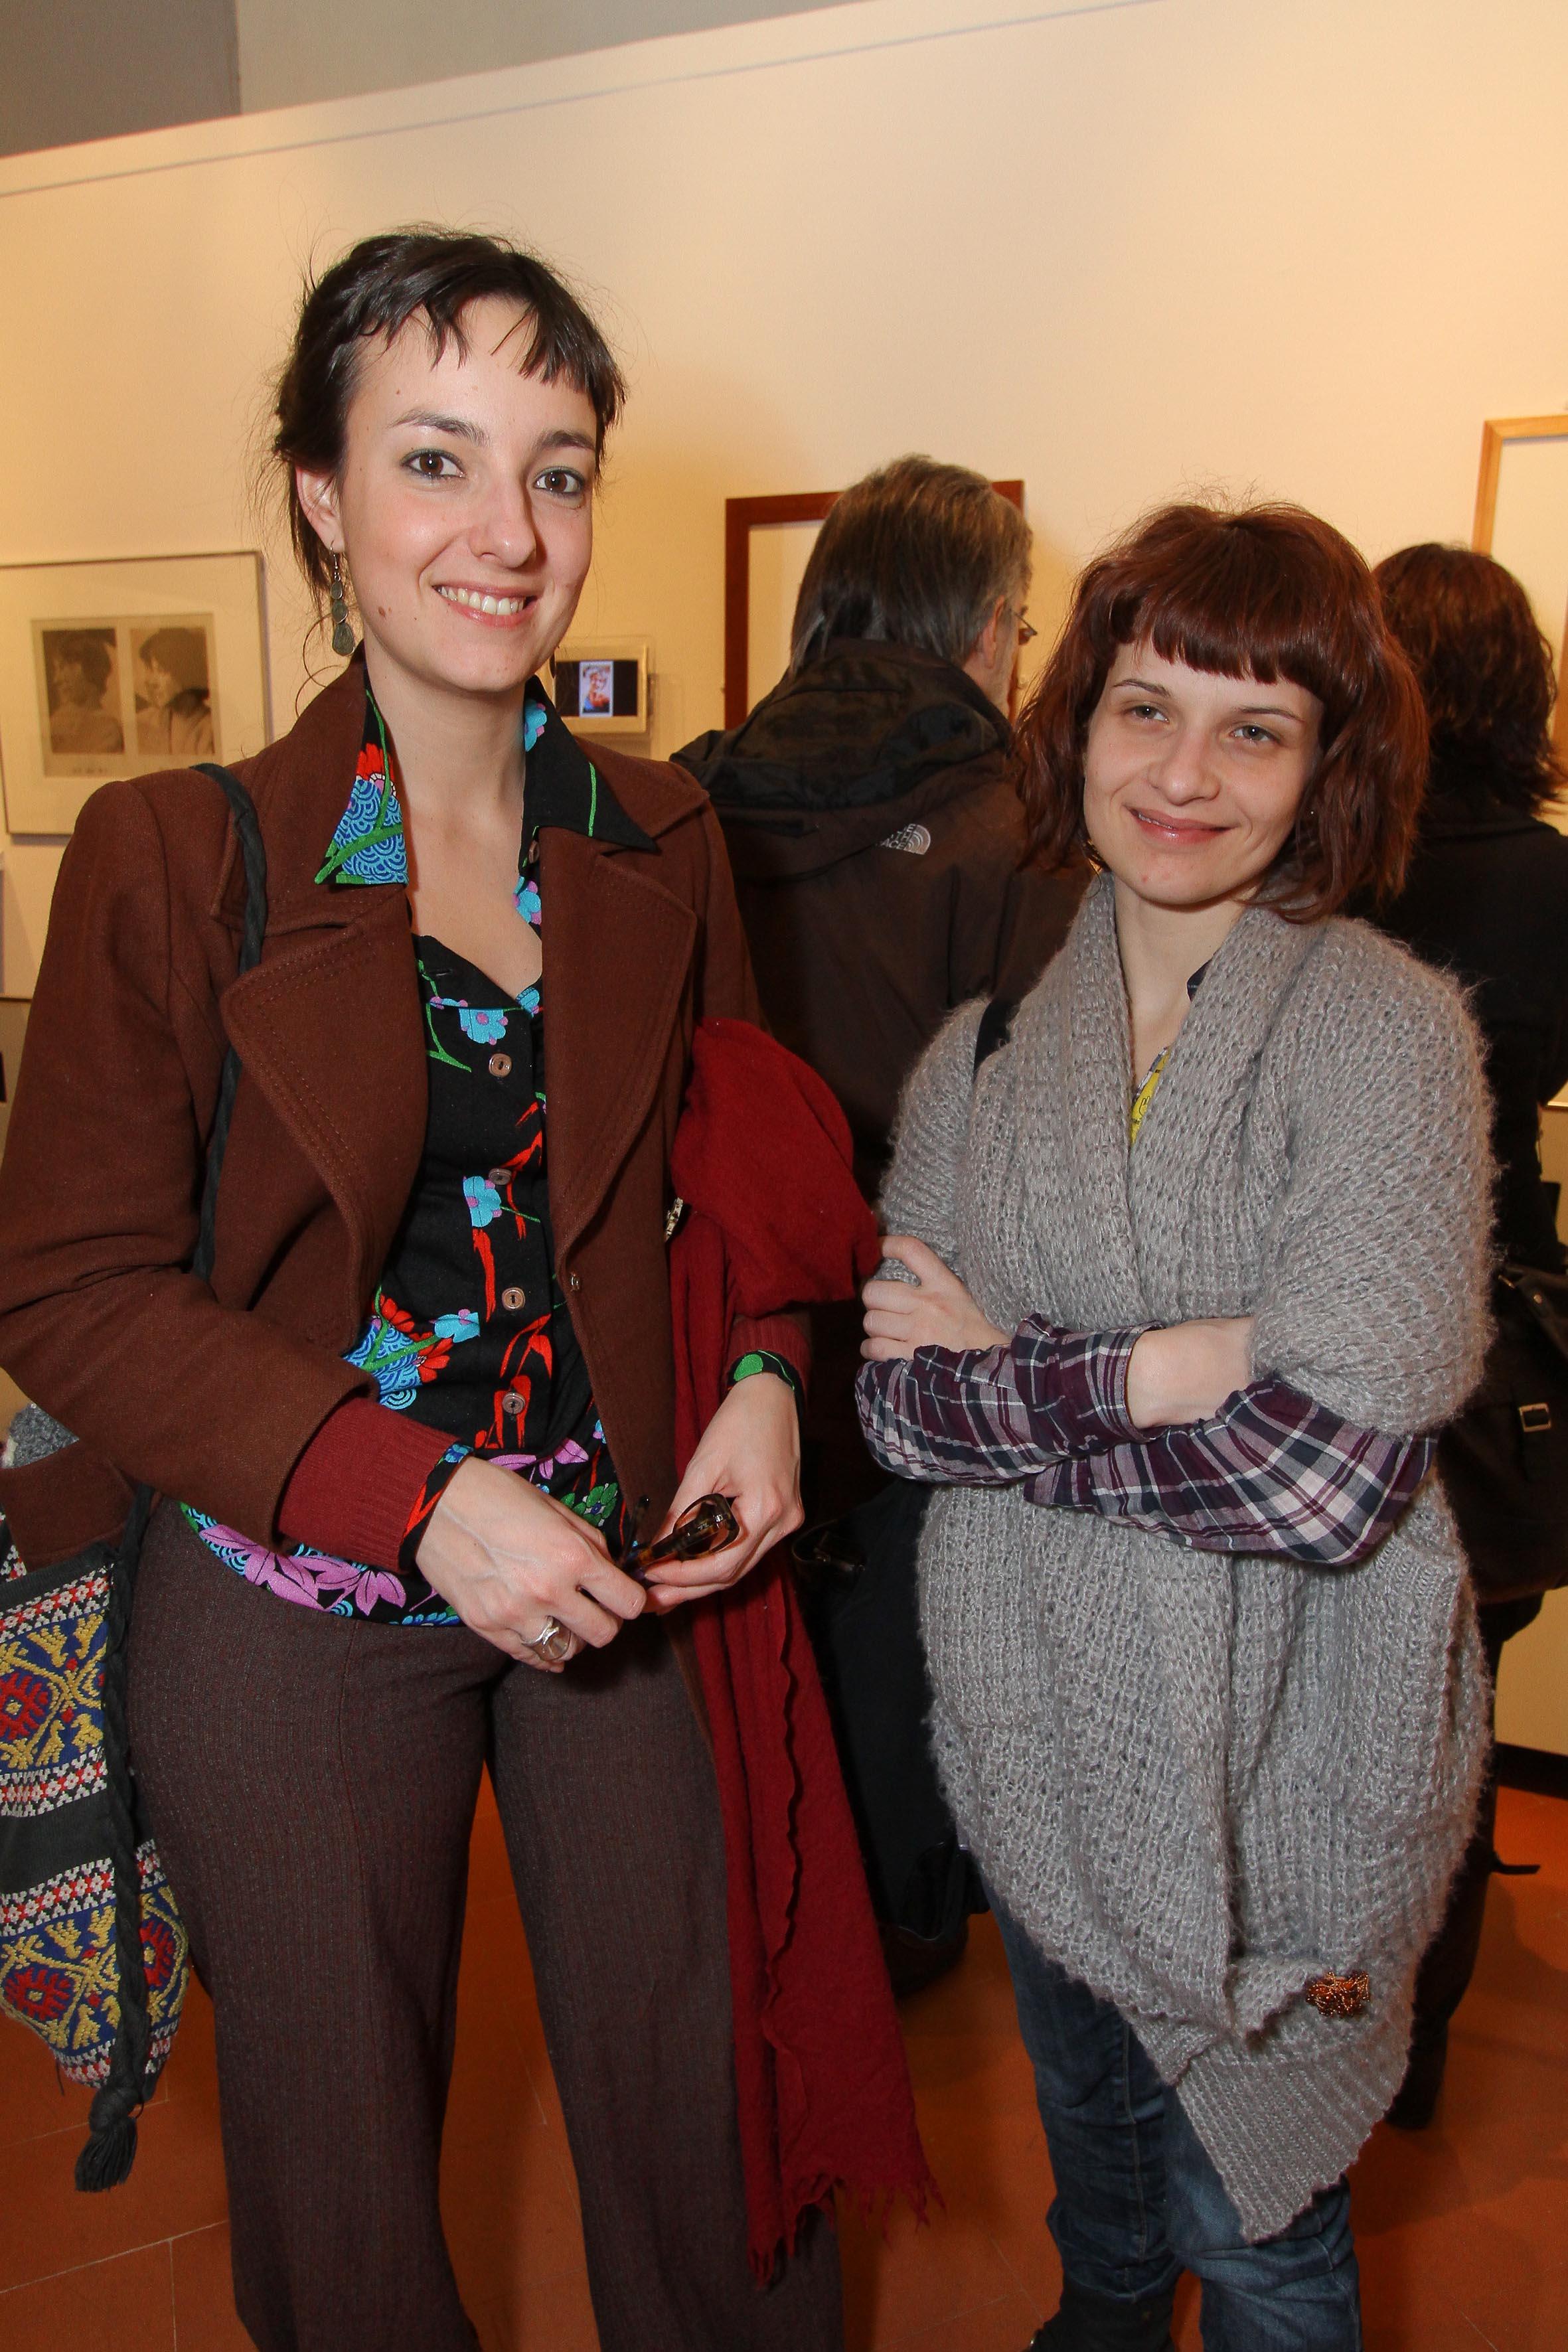 PRESSPHOTO Firenze, Museo Alinari, mostra fotografica Controverses. nella foto Valentina Capitini e Laura Ciomei